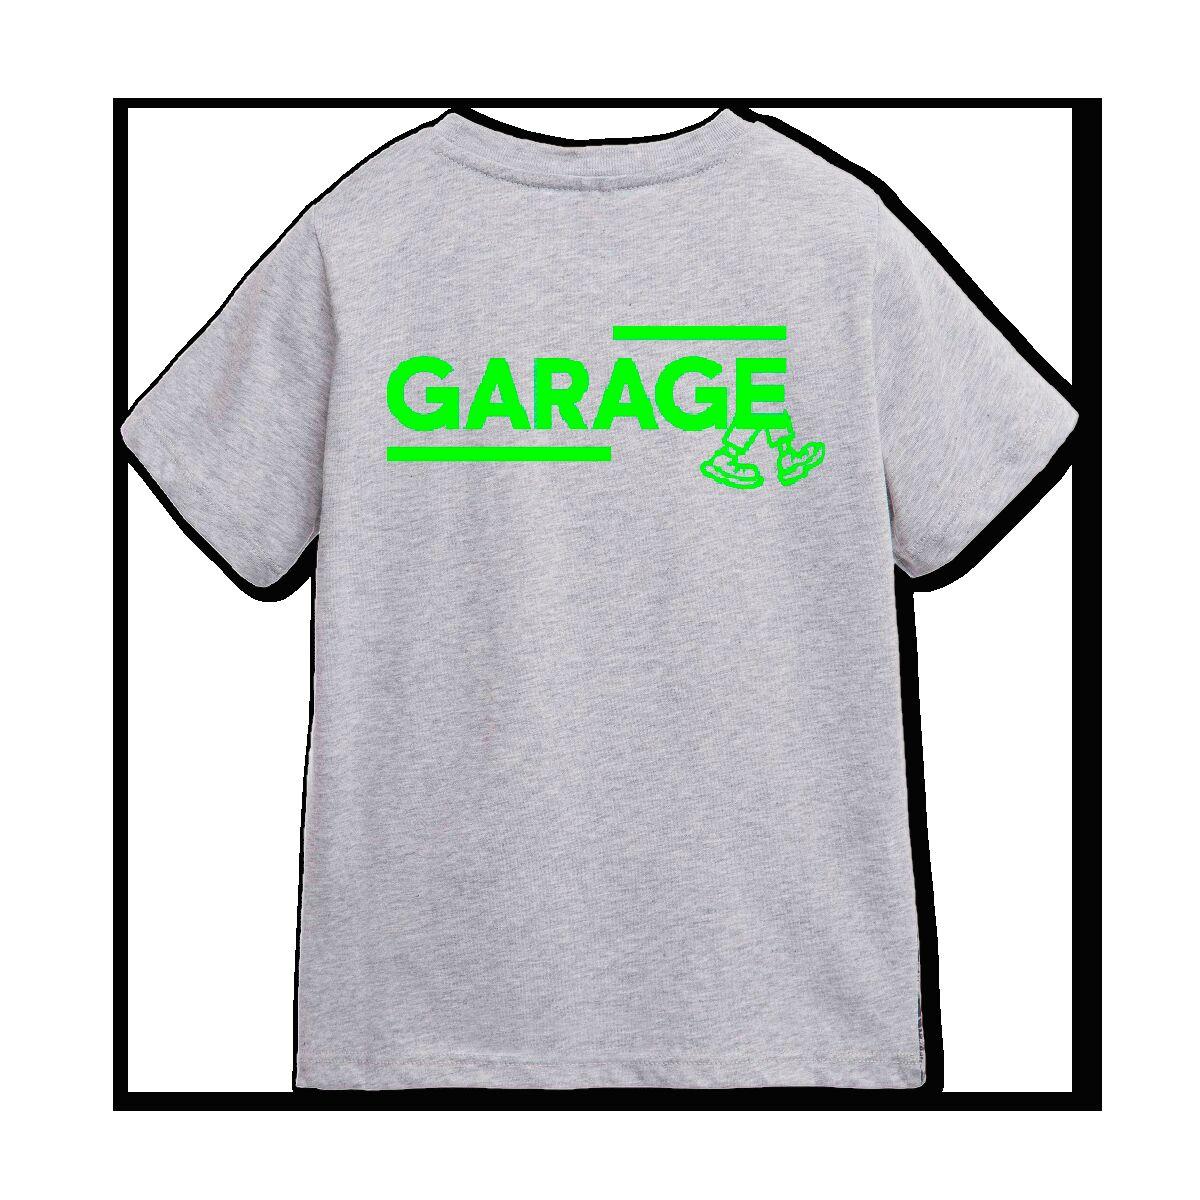 Keds kid's T-shirt